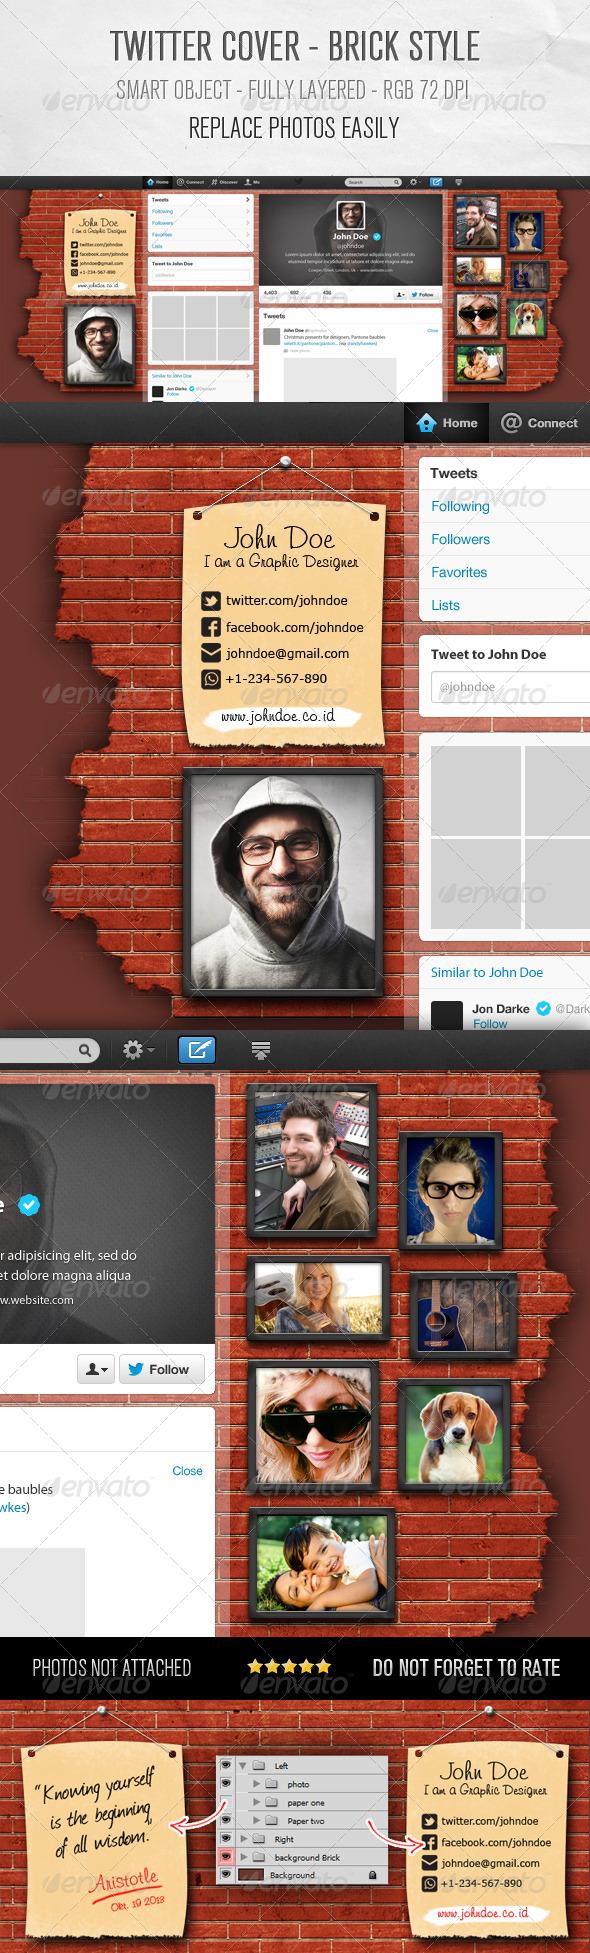 Twitter Background Design - Brick Style - Twitter Social Media